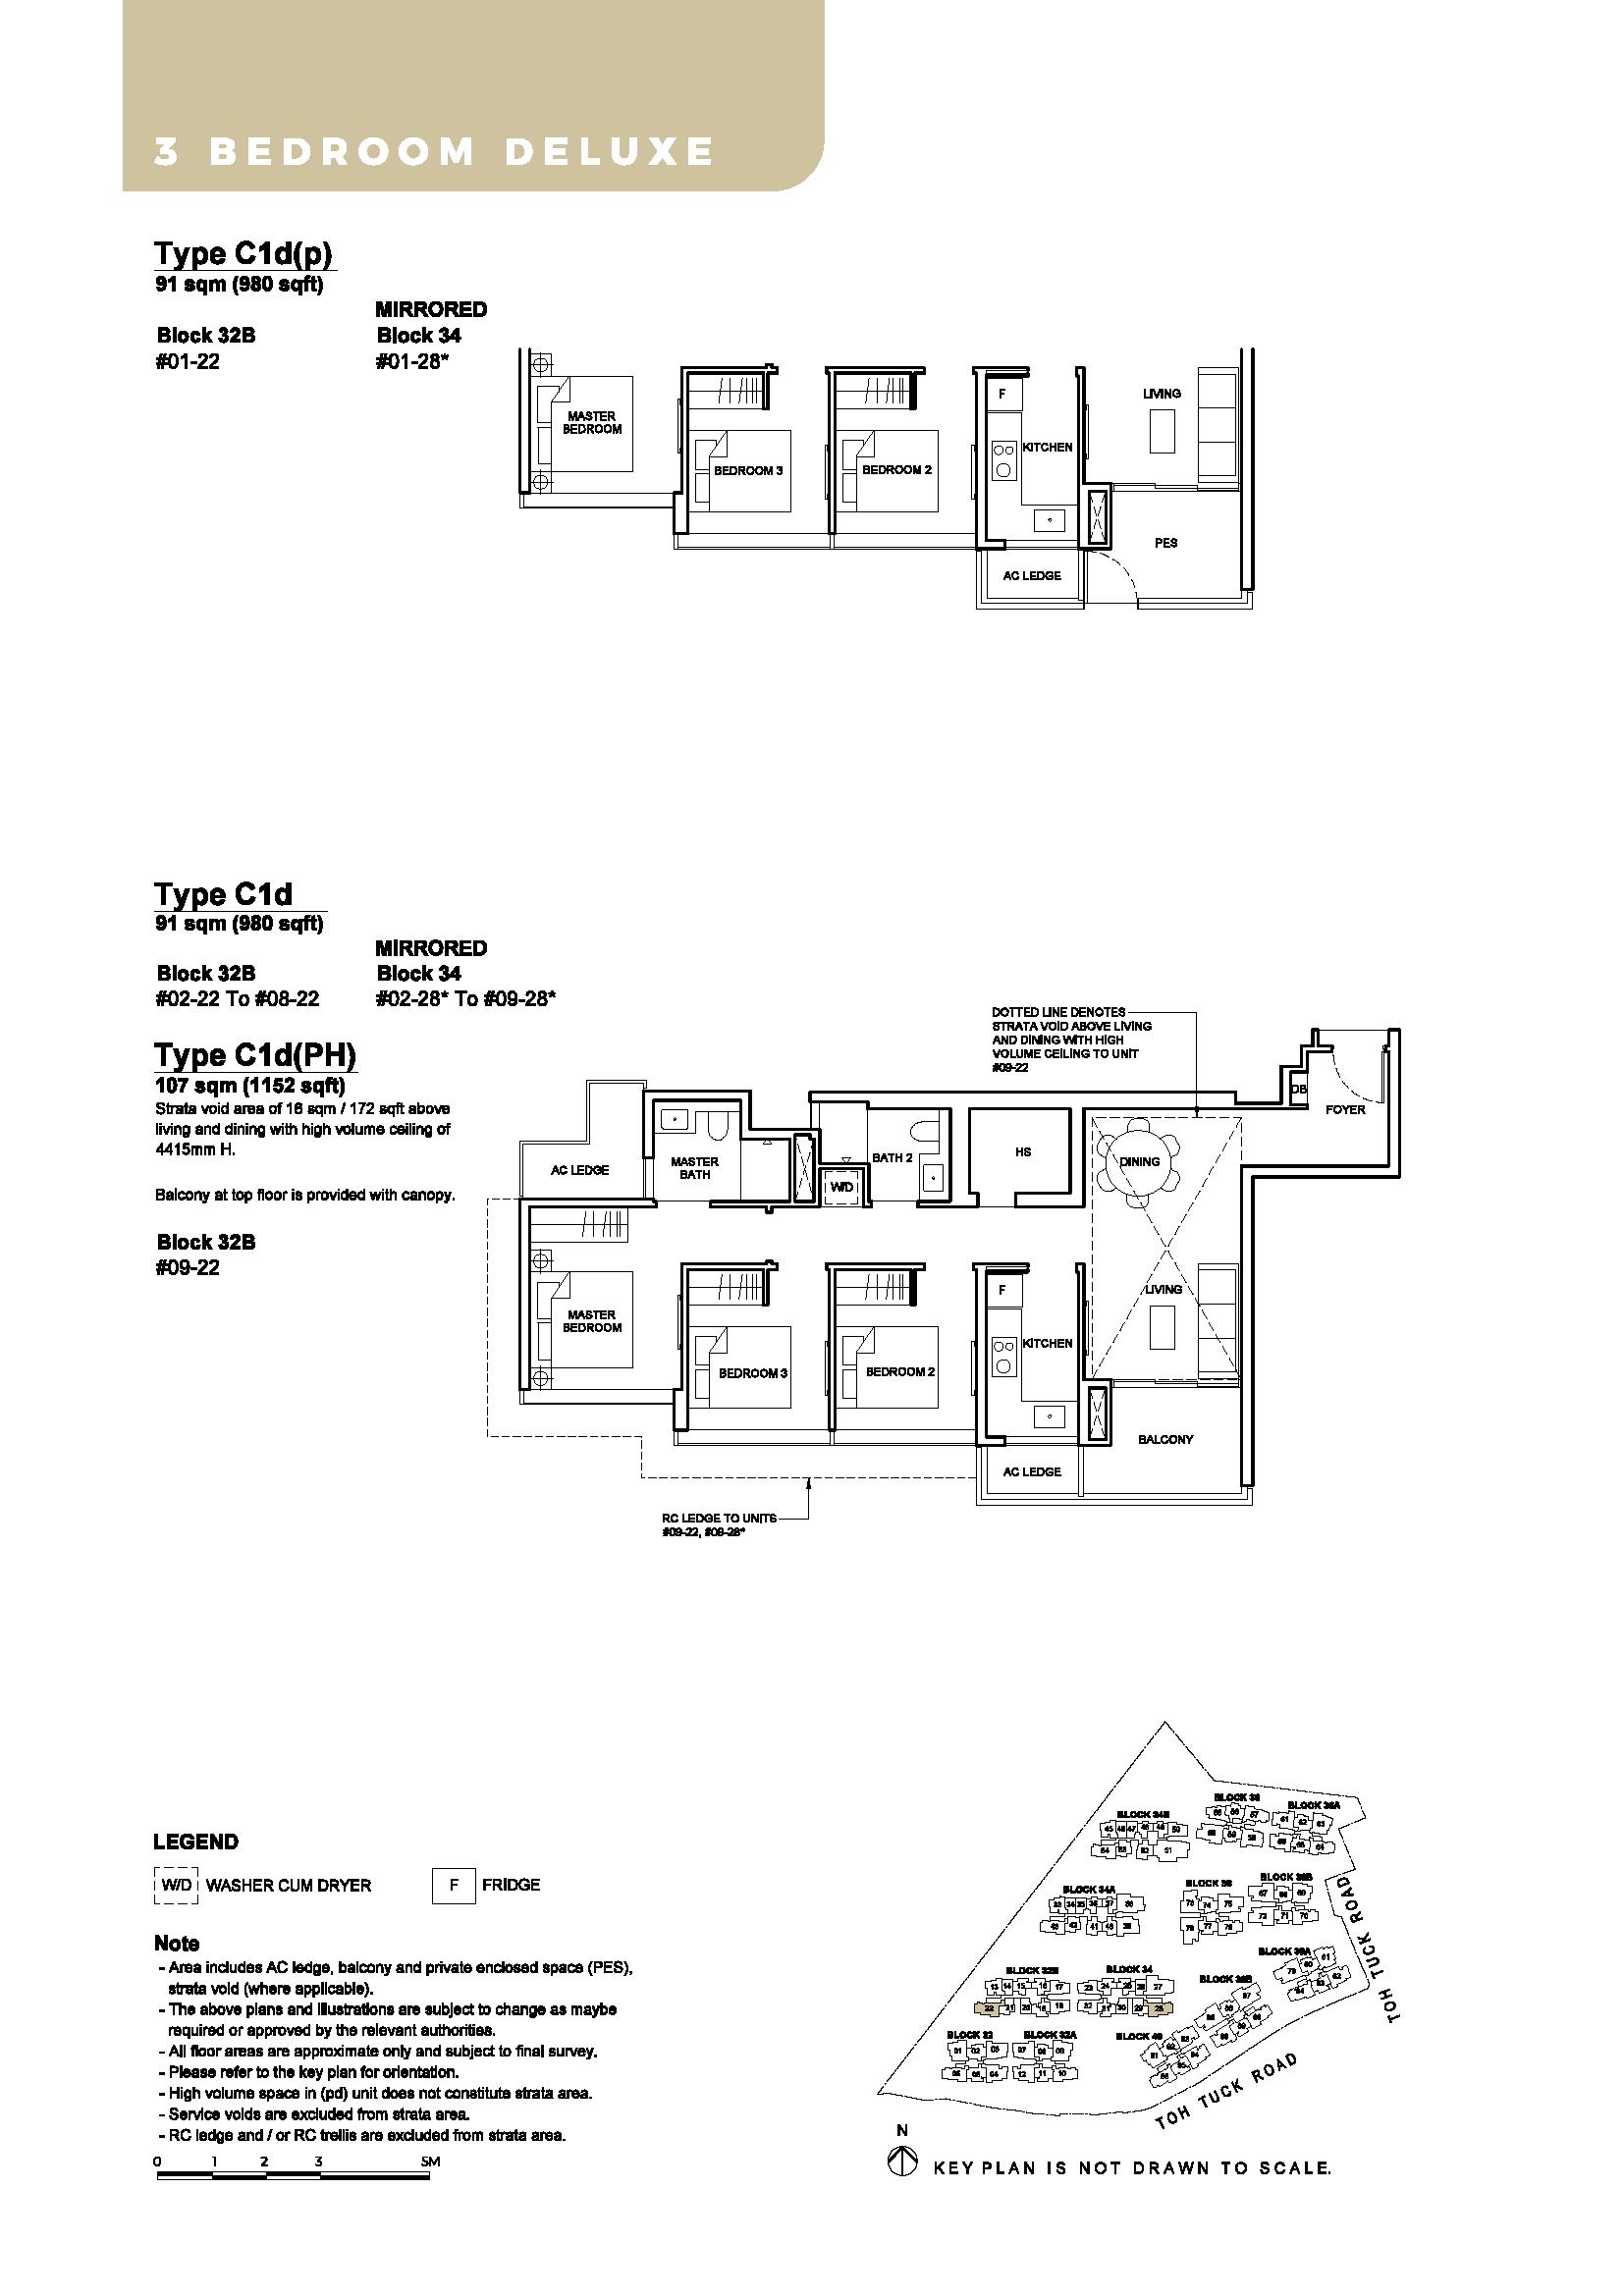 Type C1d - C1d(p) - C1d(PH)